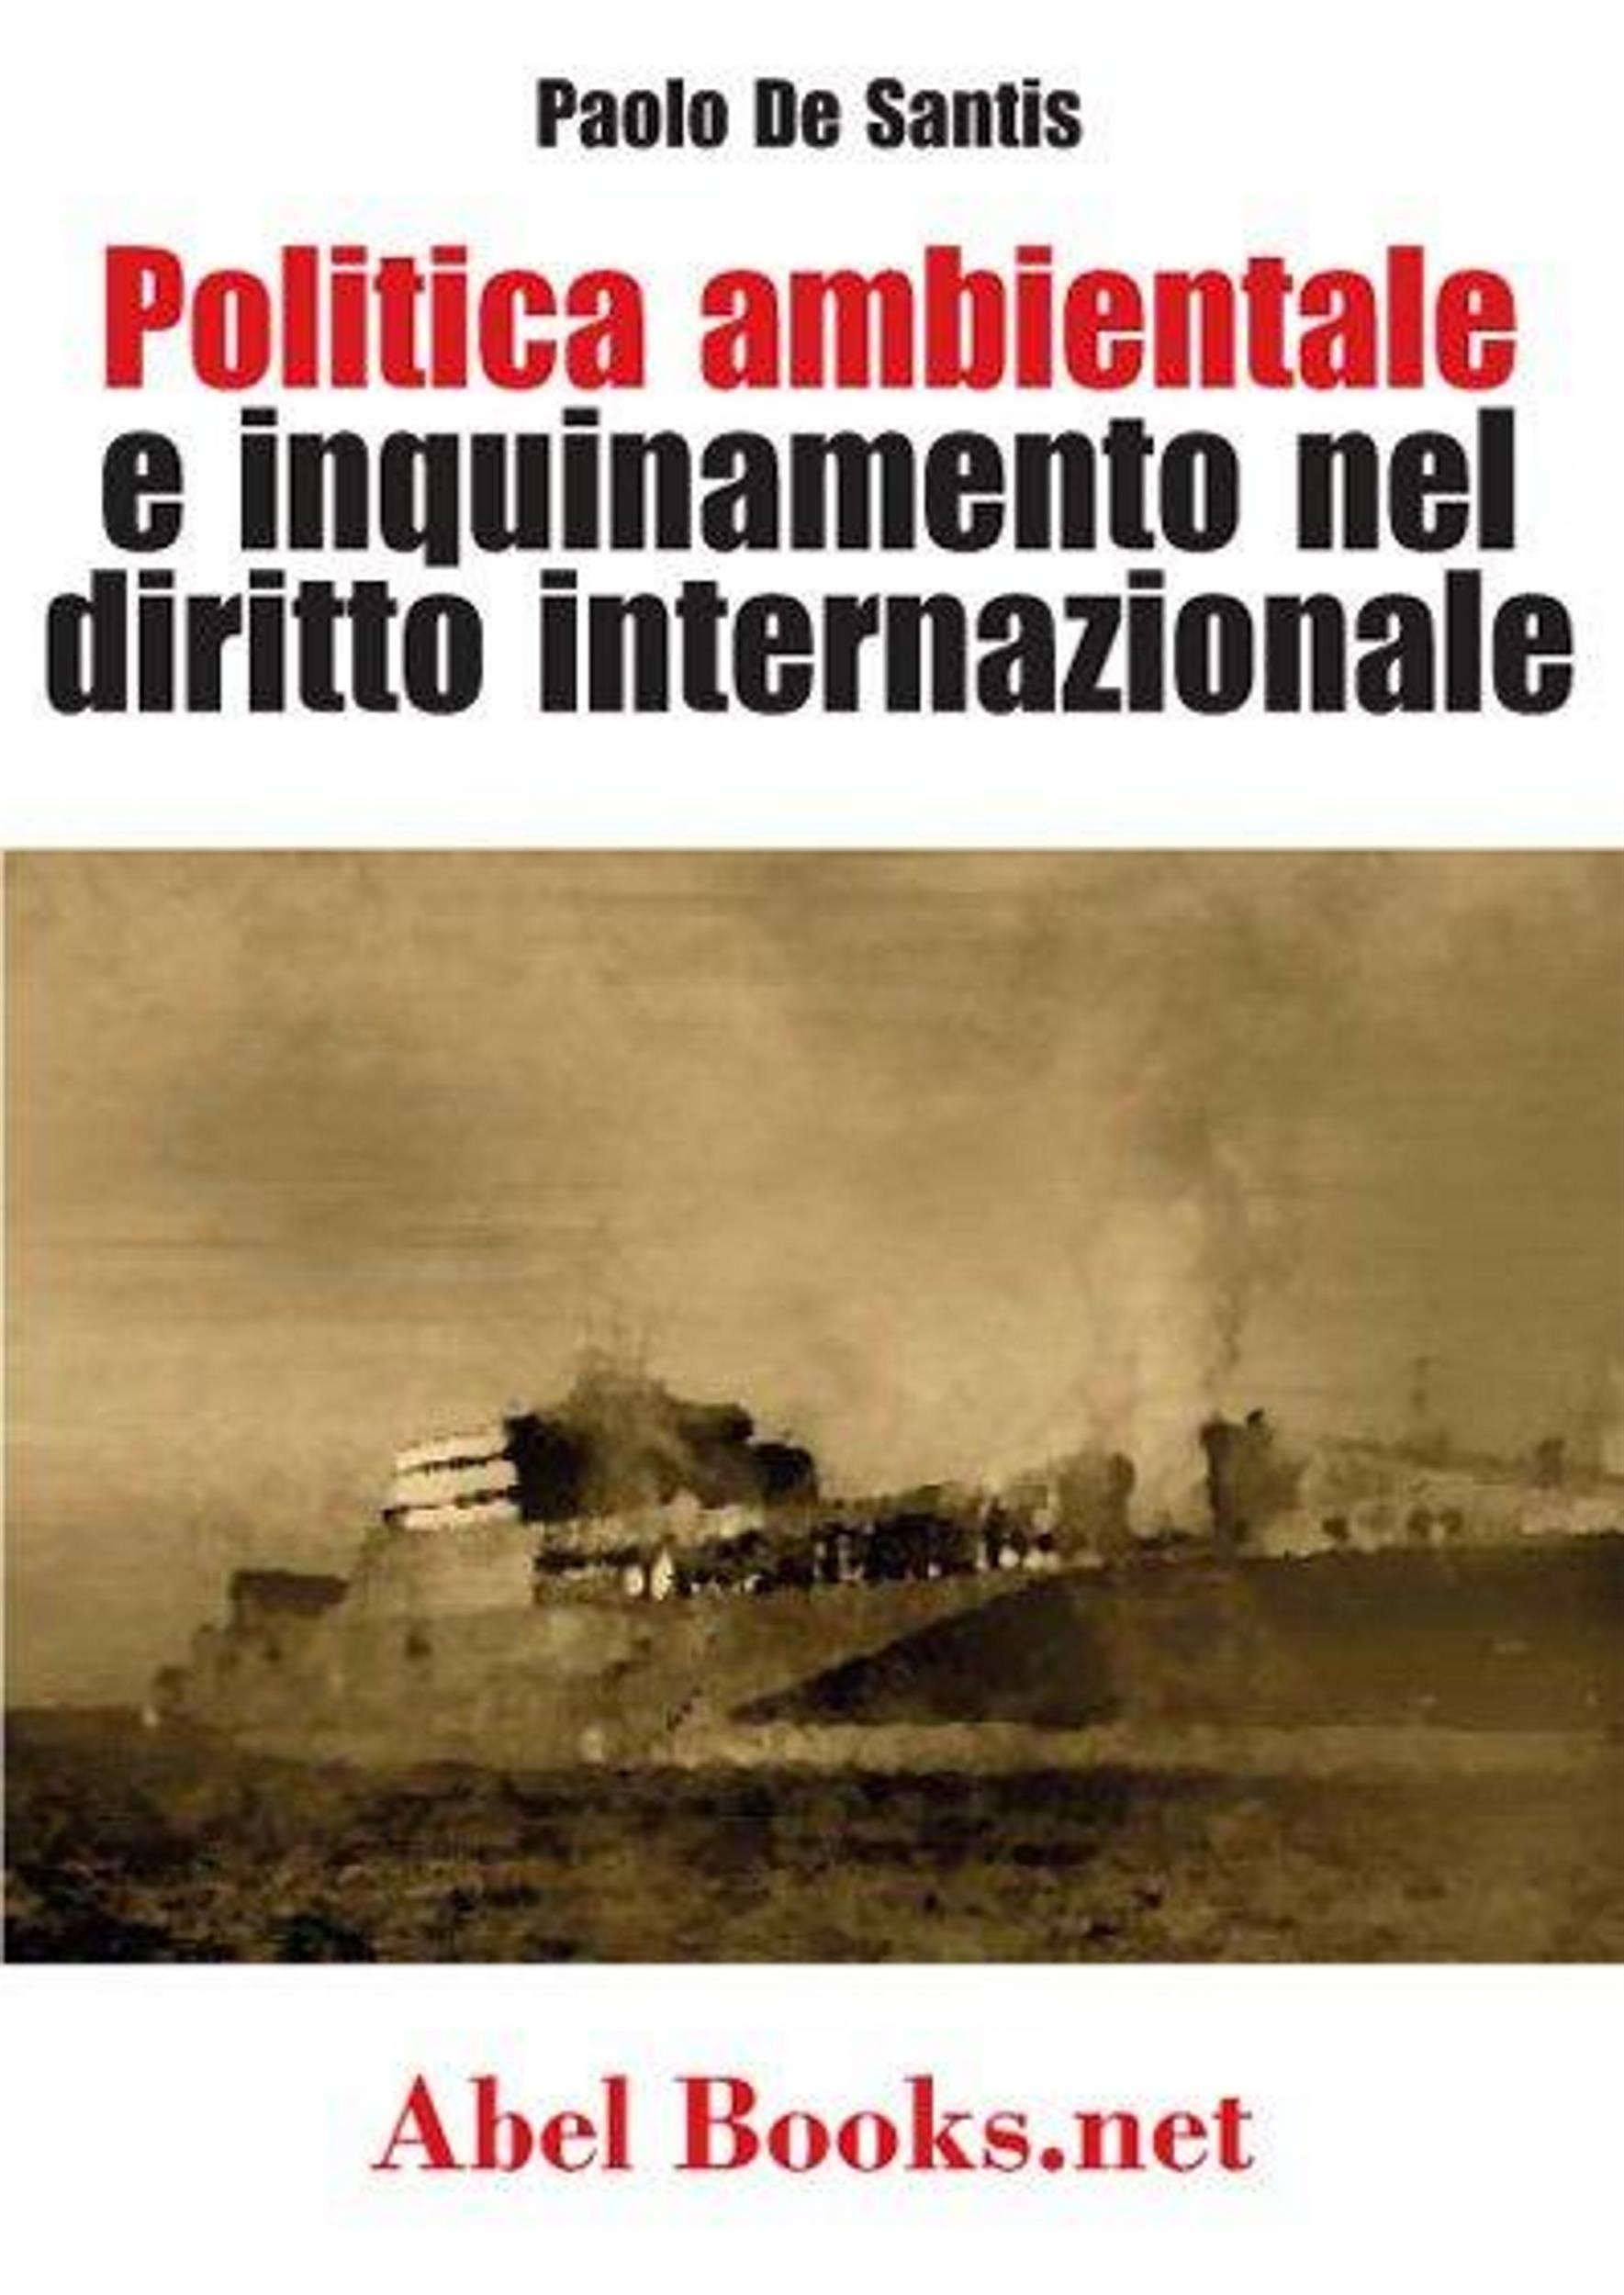 Politica ambientale e inquinamento nel diritto internazionale - Paolo De Santis (Italian Edition)